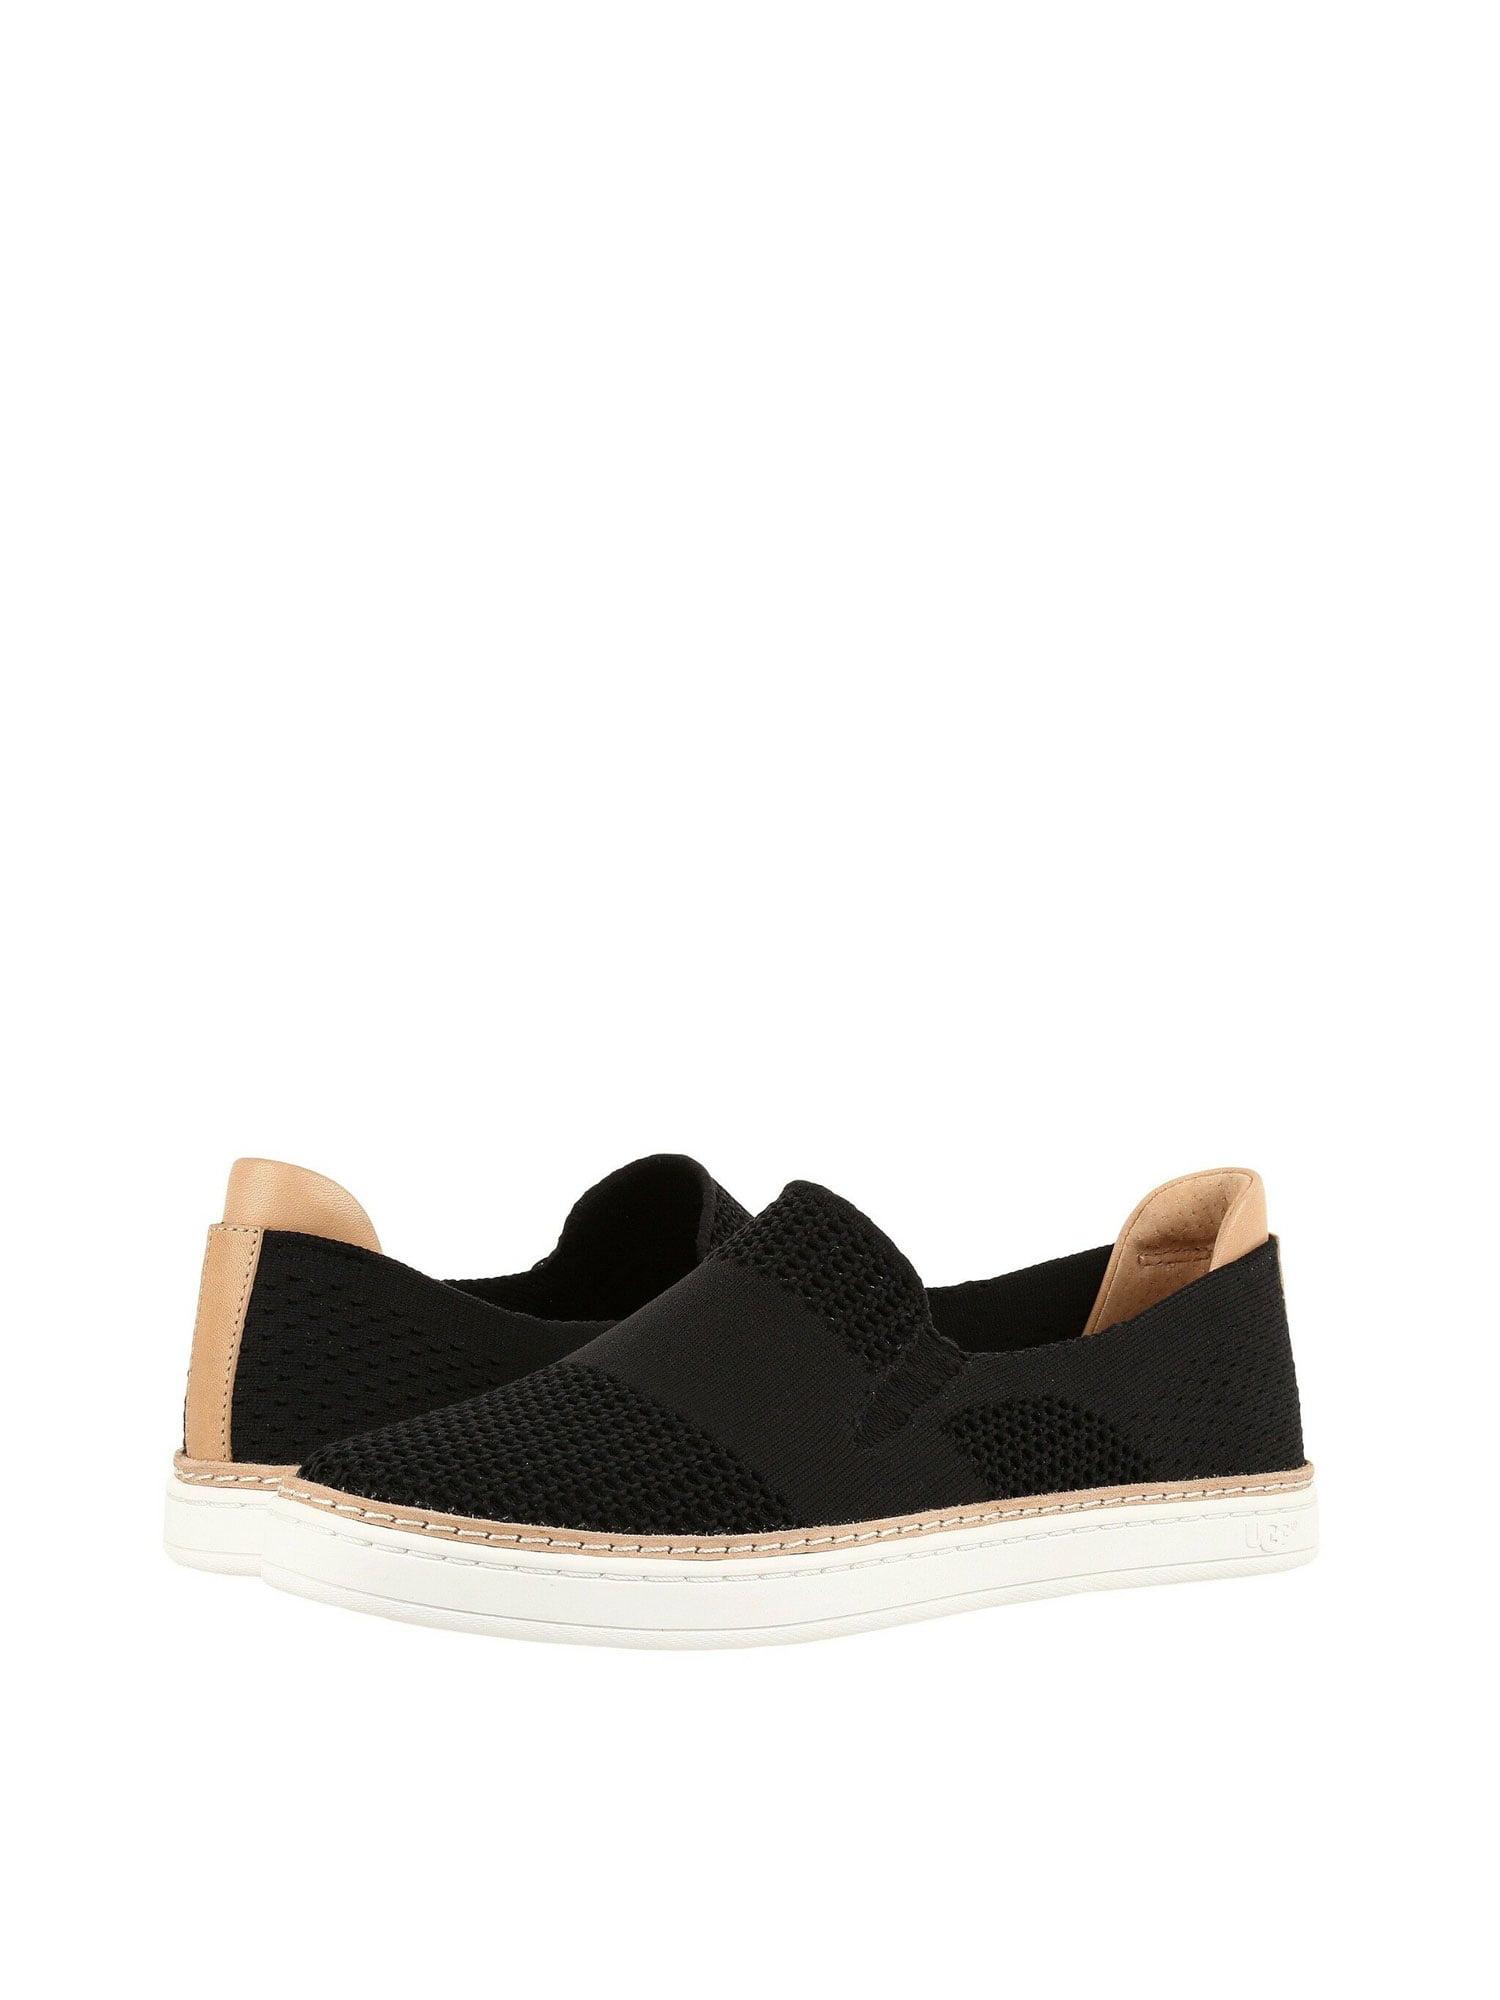 e9294daba75 UGG Australia Sammy Fashion Sneaker - Womens